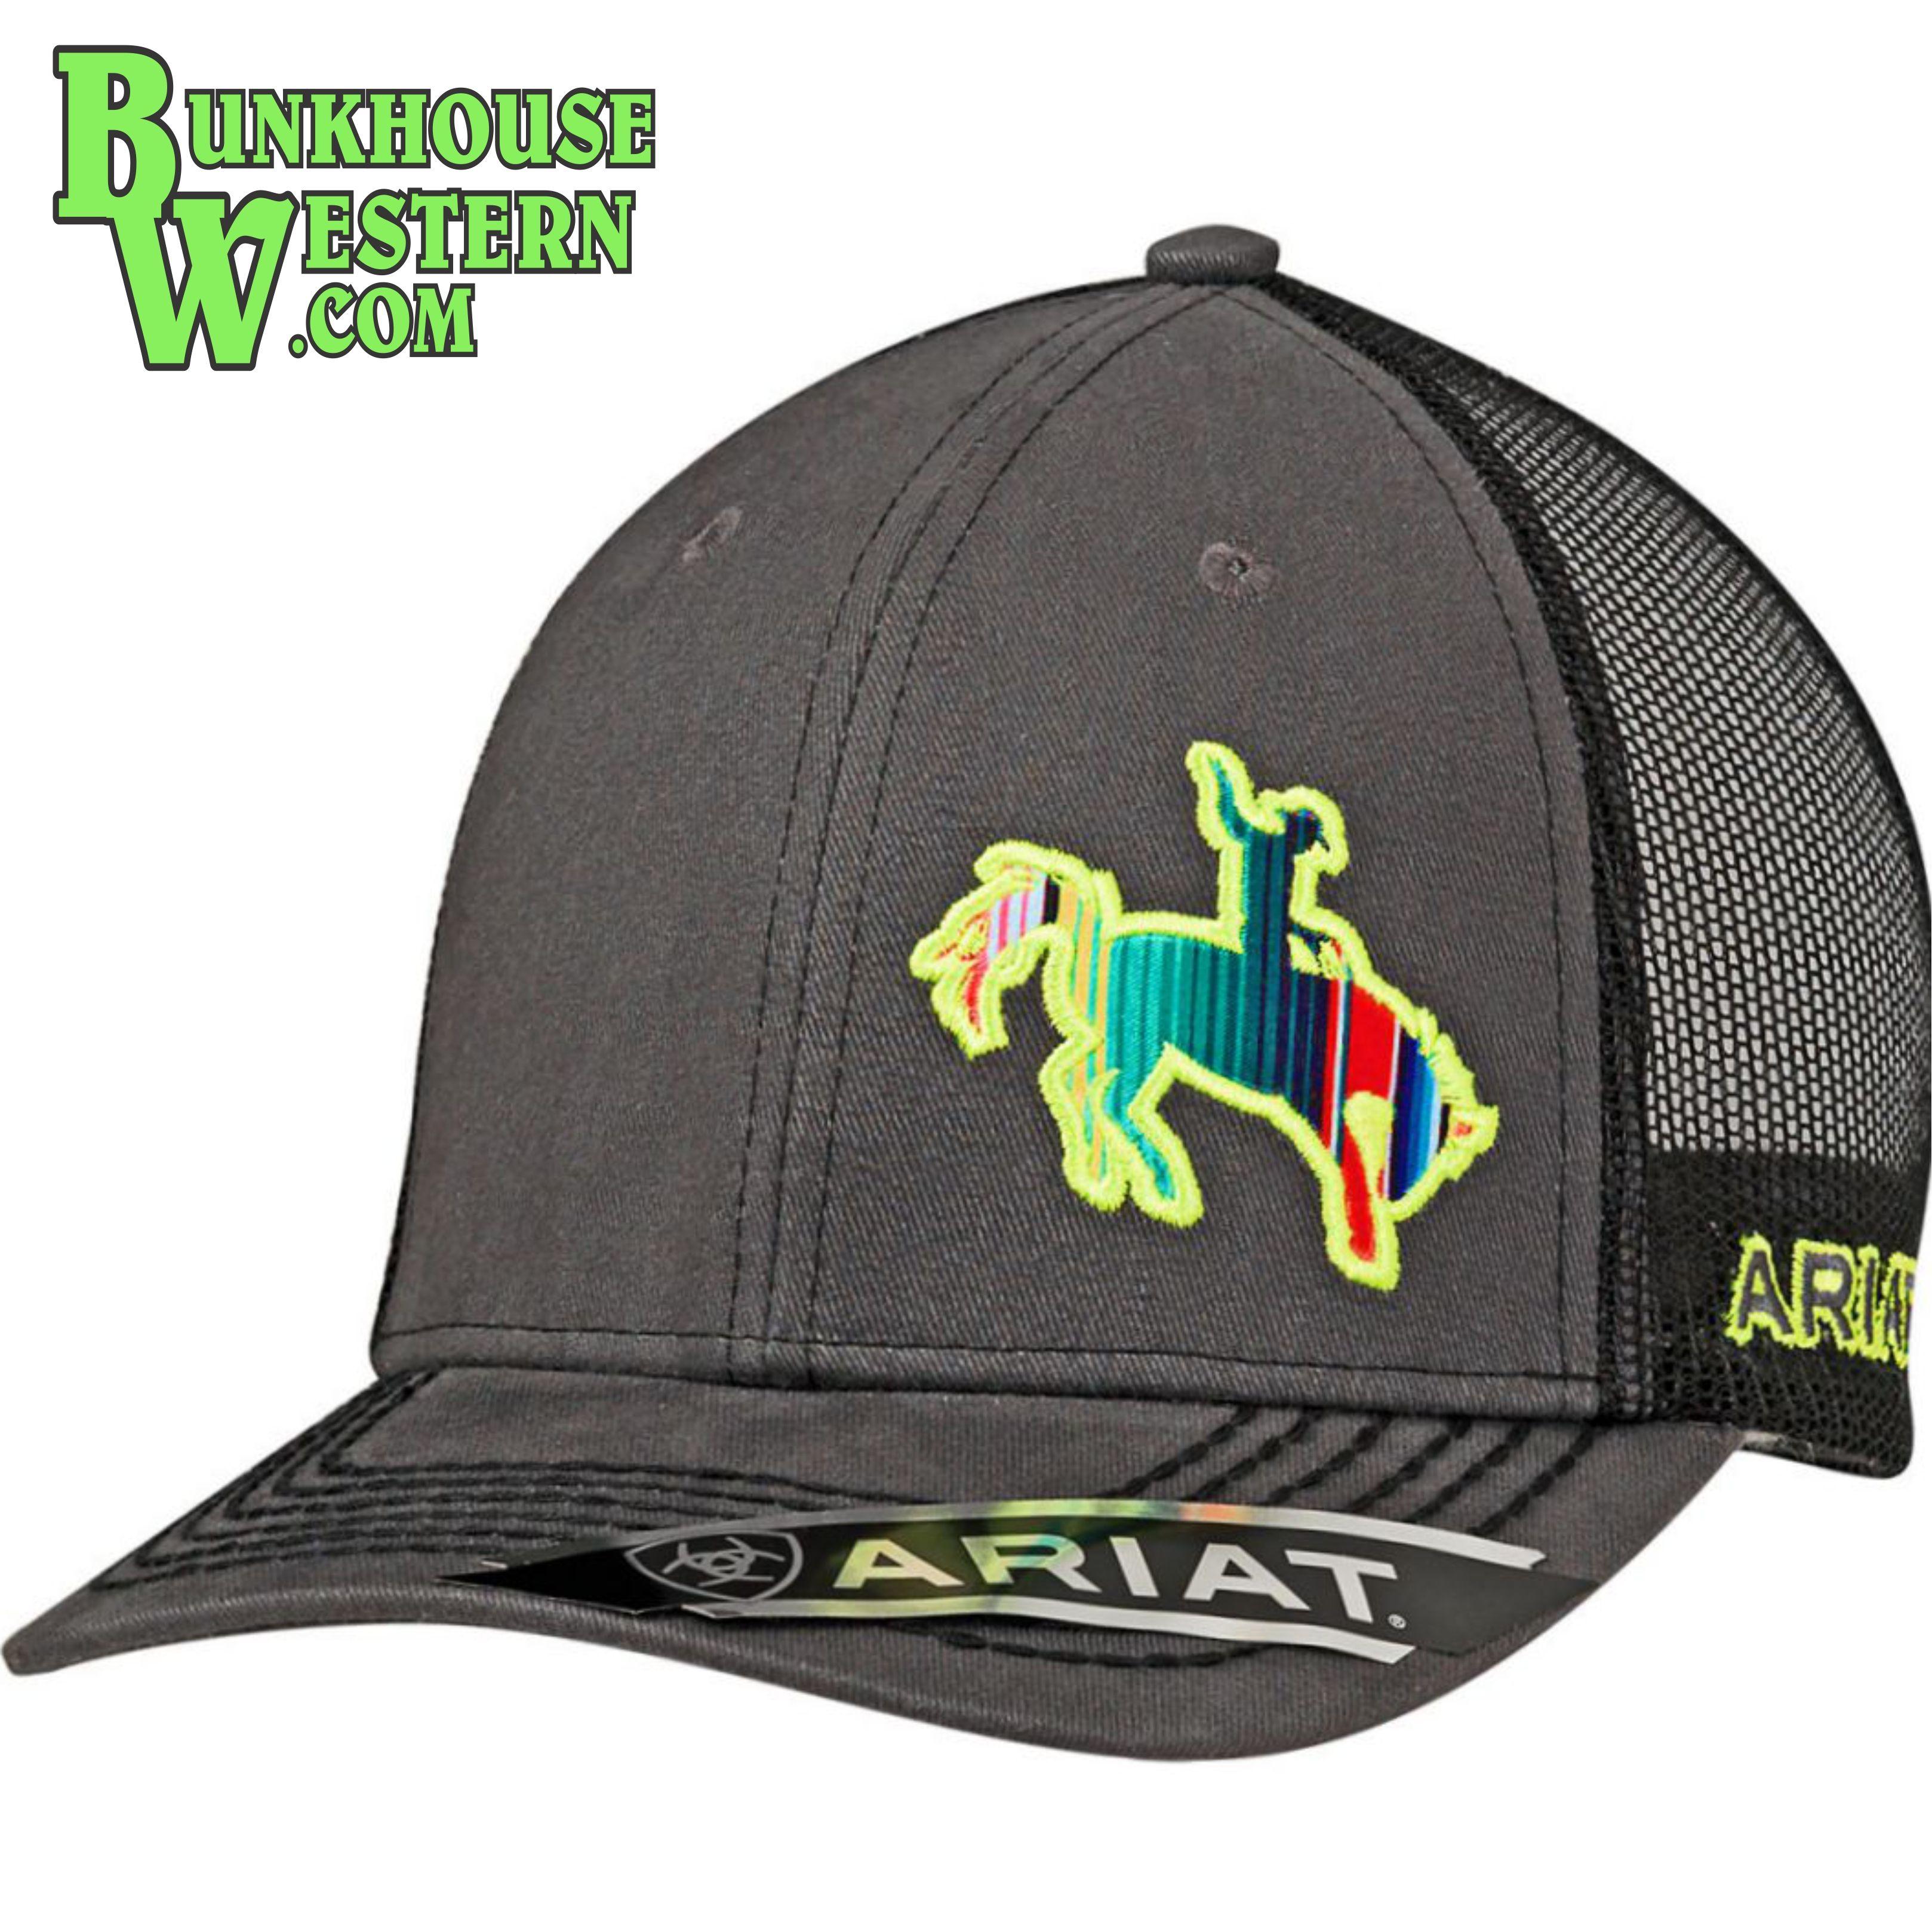 Ariat Gray Serape Bronc Rider Cap in 2019  28233f589a2c